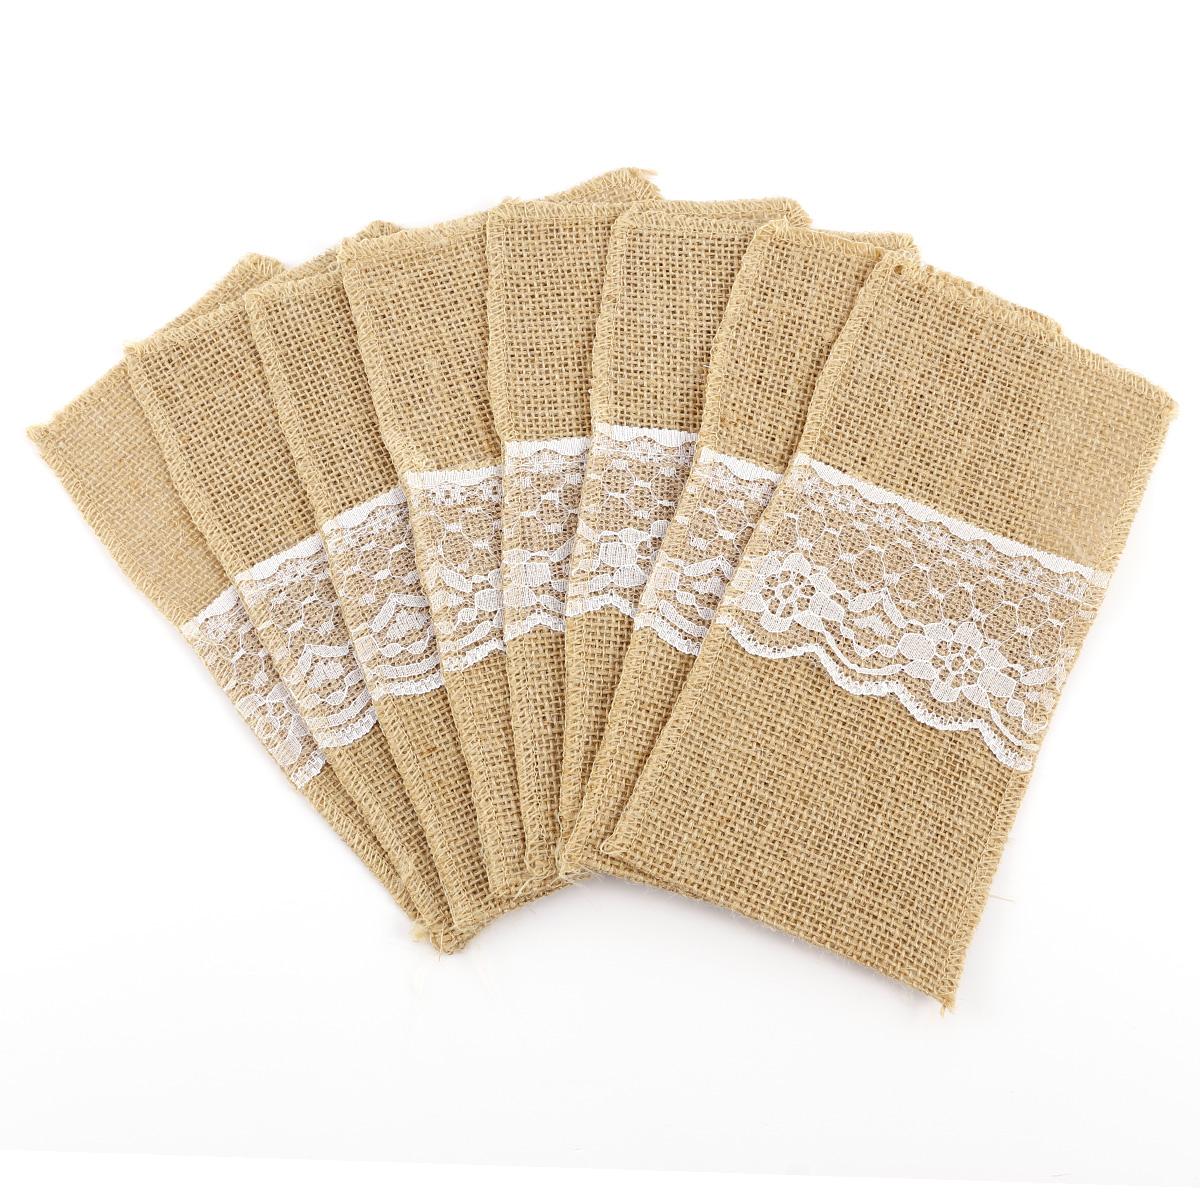 Arpillera para porta cubiertos tela de saco para decorar - Saco arpillera ...